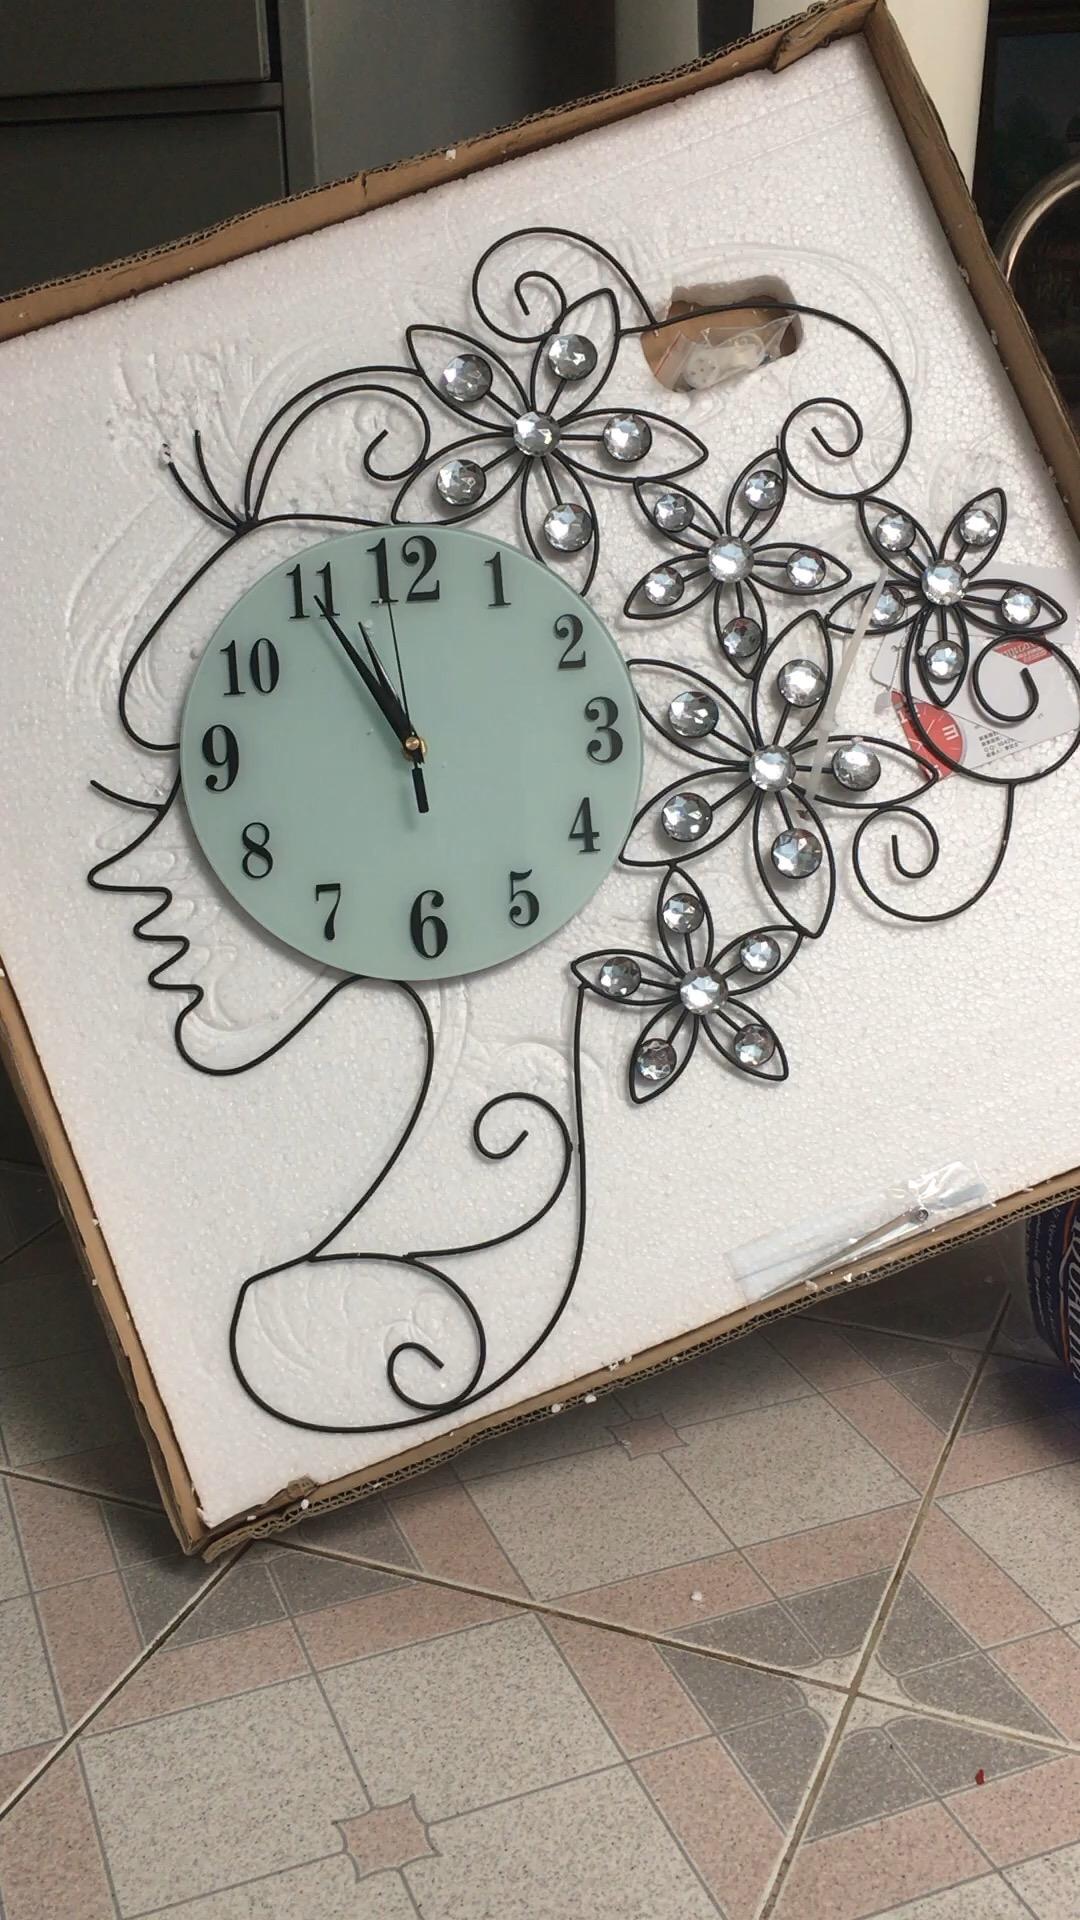 Đồng hồ pha lê cô gái 1288-hàng có sẵn hcm!